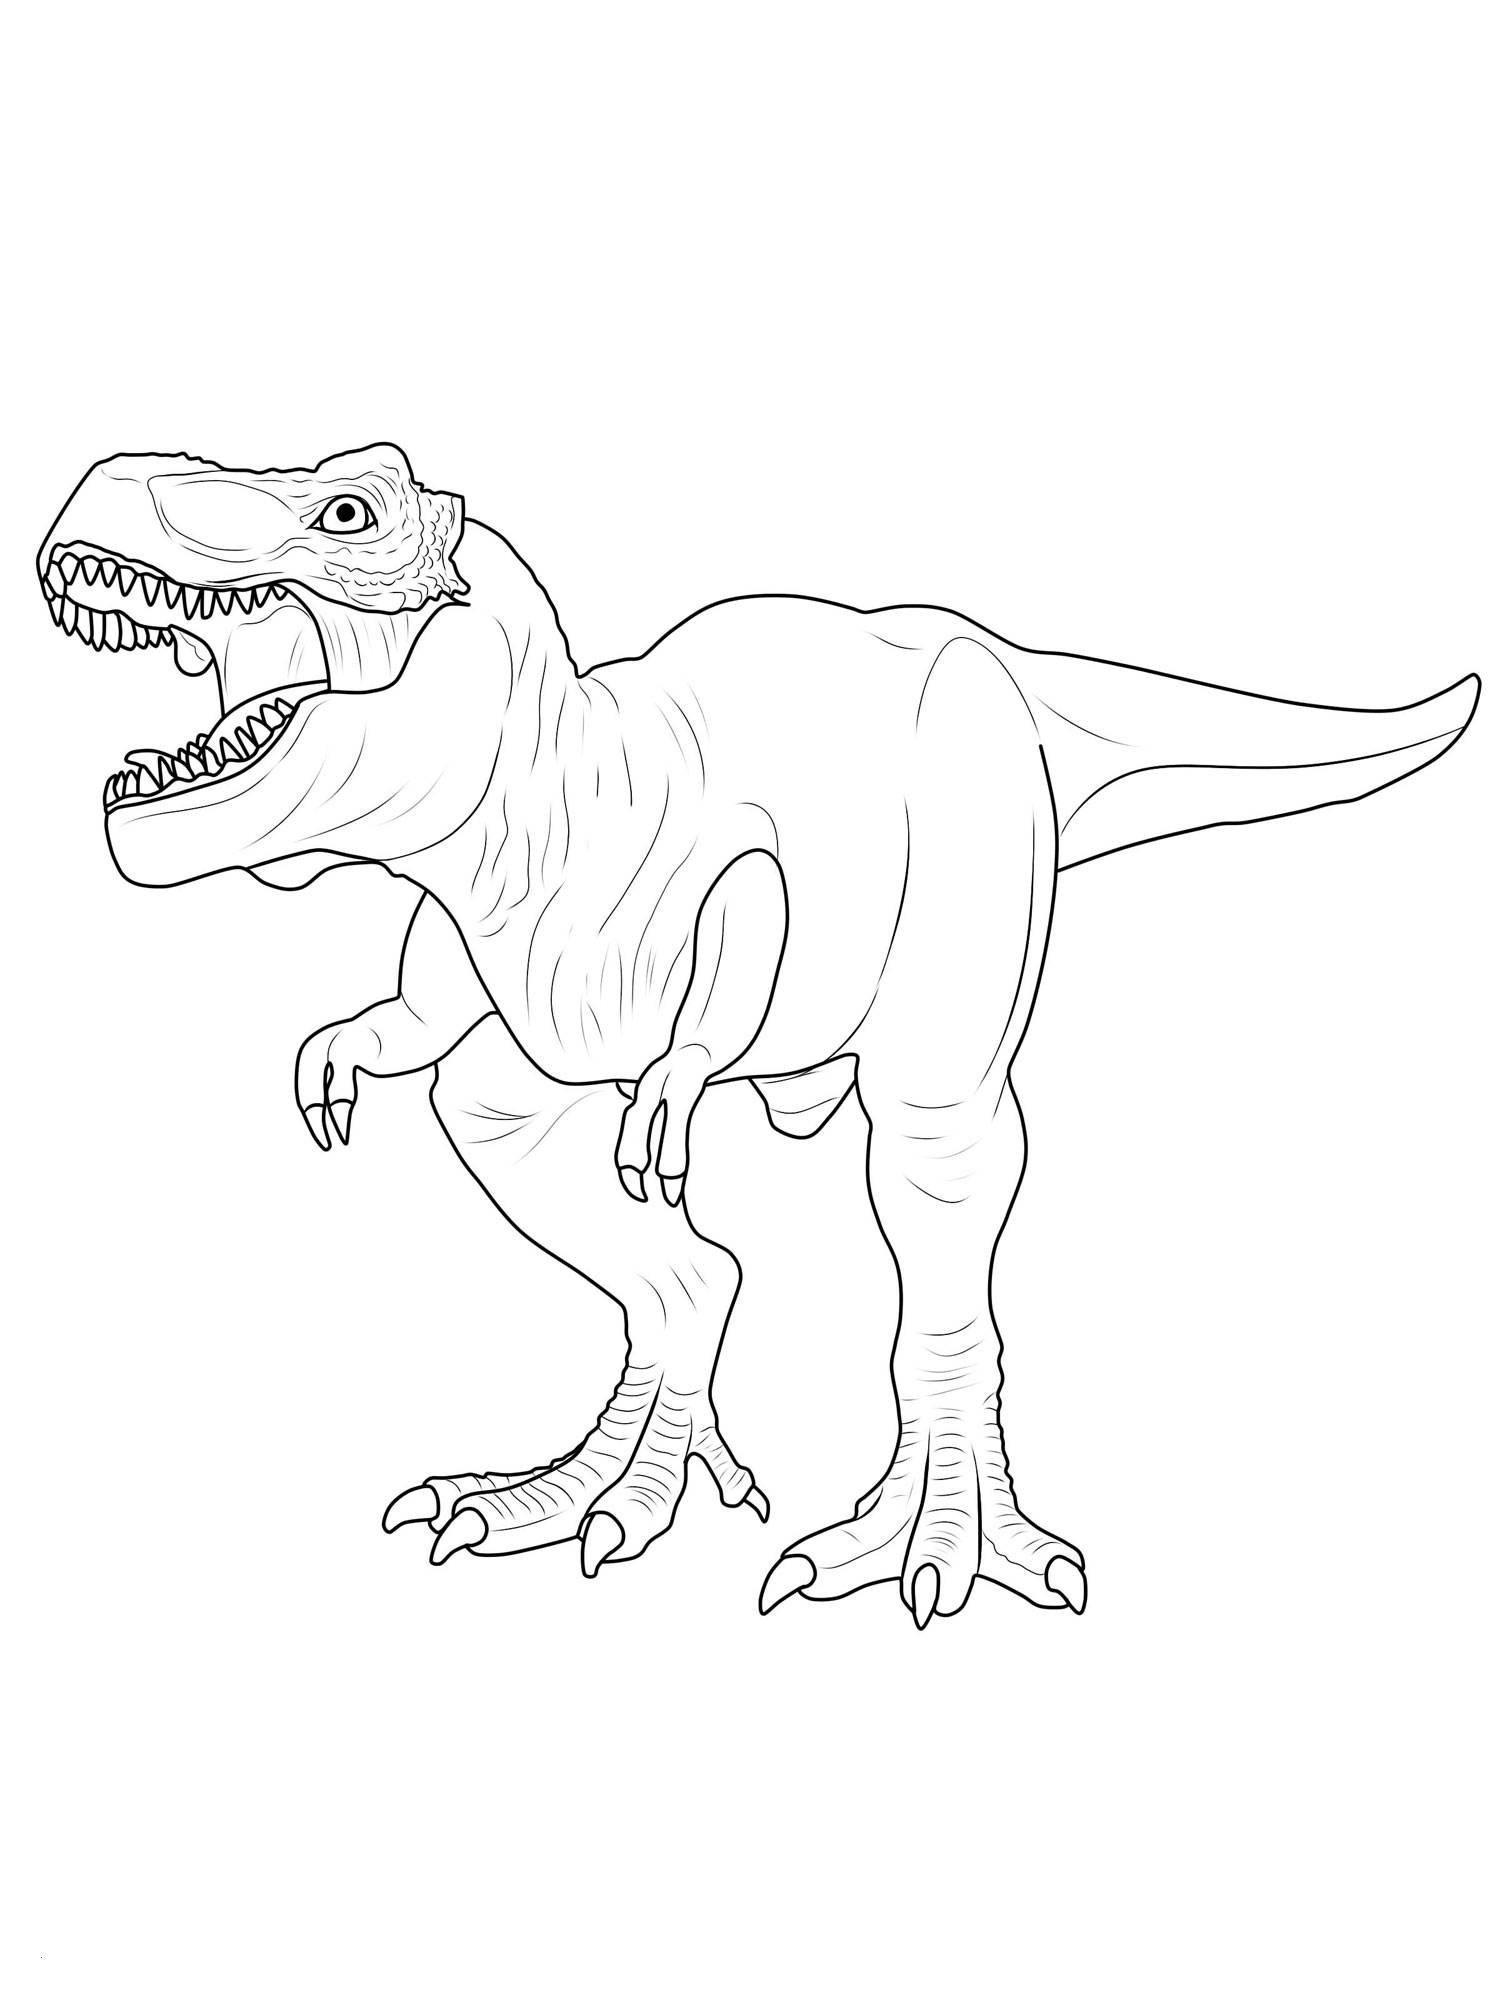 Ausmalbilder Dinosaurier In Einem Land Vor Unserer Zeit Inspirierend 32 Dino Ausmalbilder Scoredatscore Luxus Dinos Ausmalbilder Beste Bild